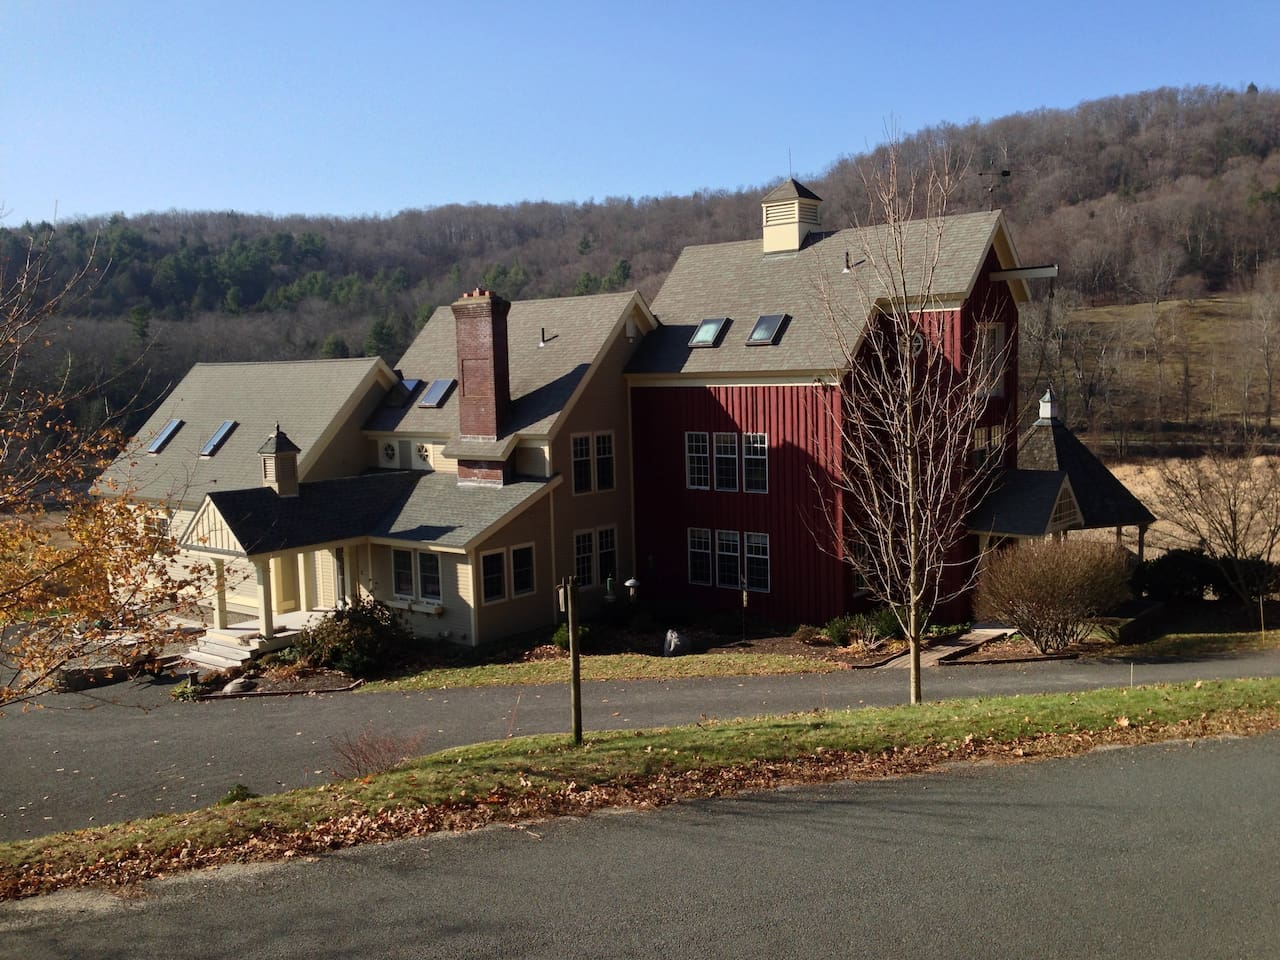 Our home in Shingle Valley, Shelburne, Massachusetts.